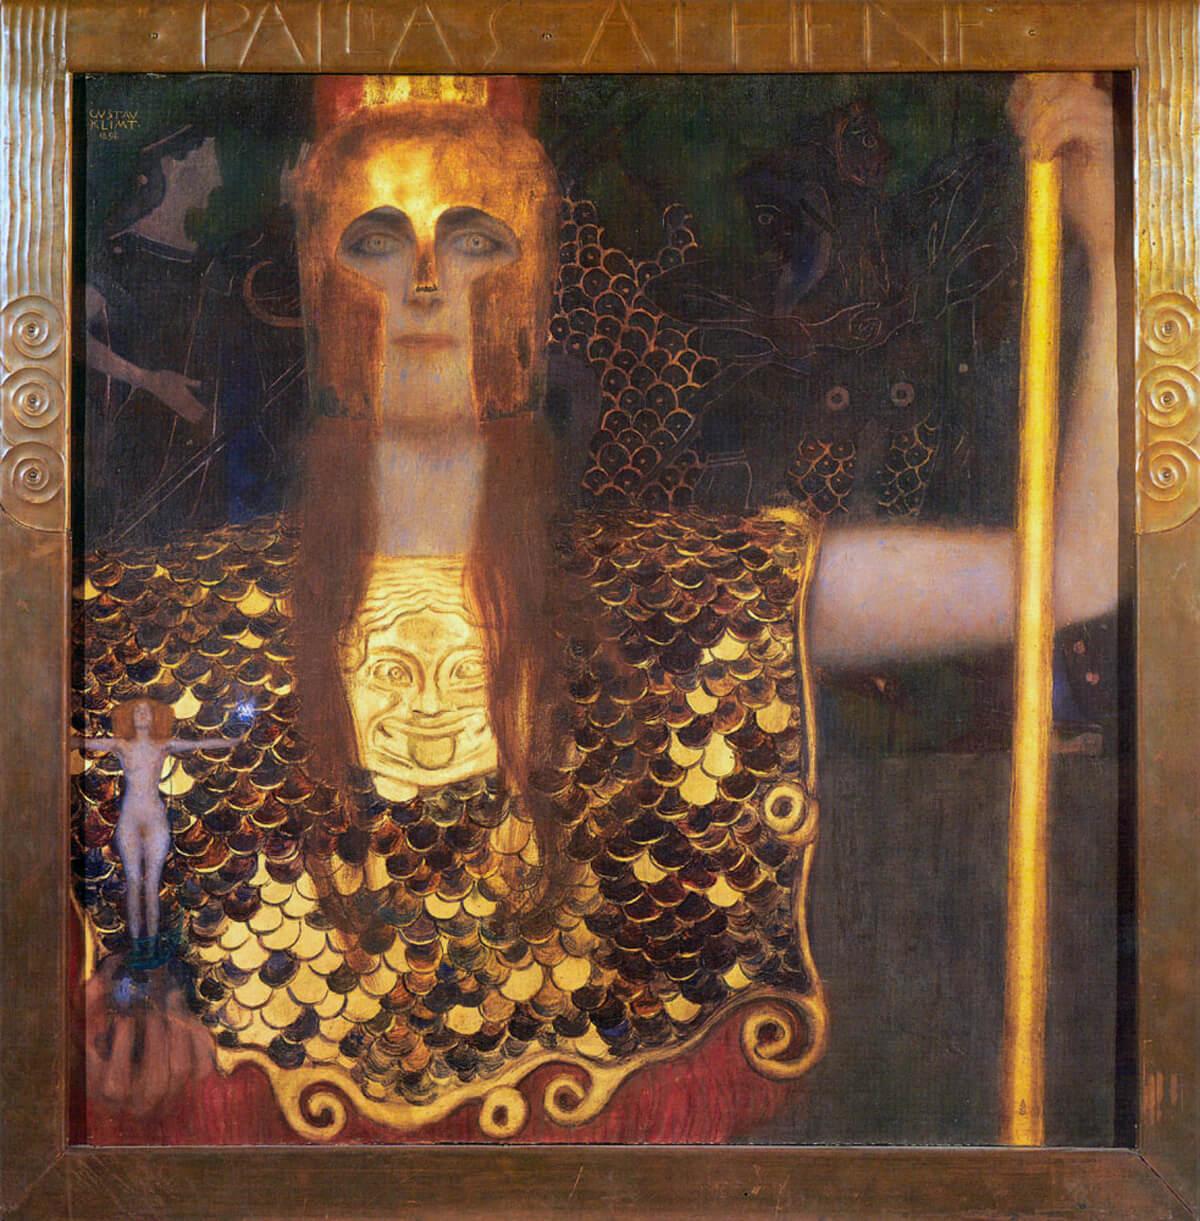 El oro de Klimt, Palas Atenea